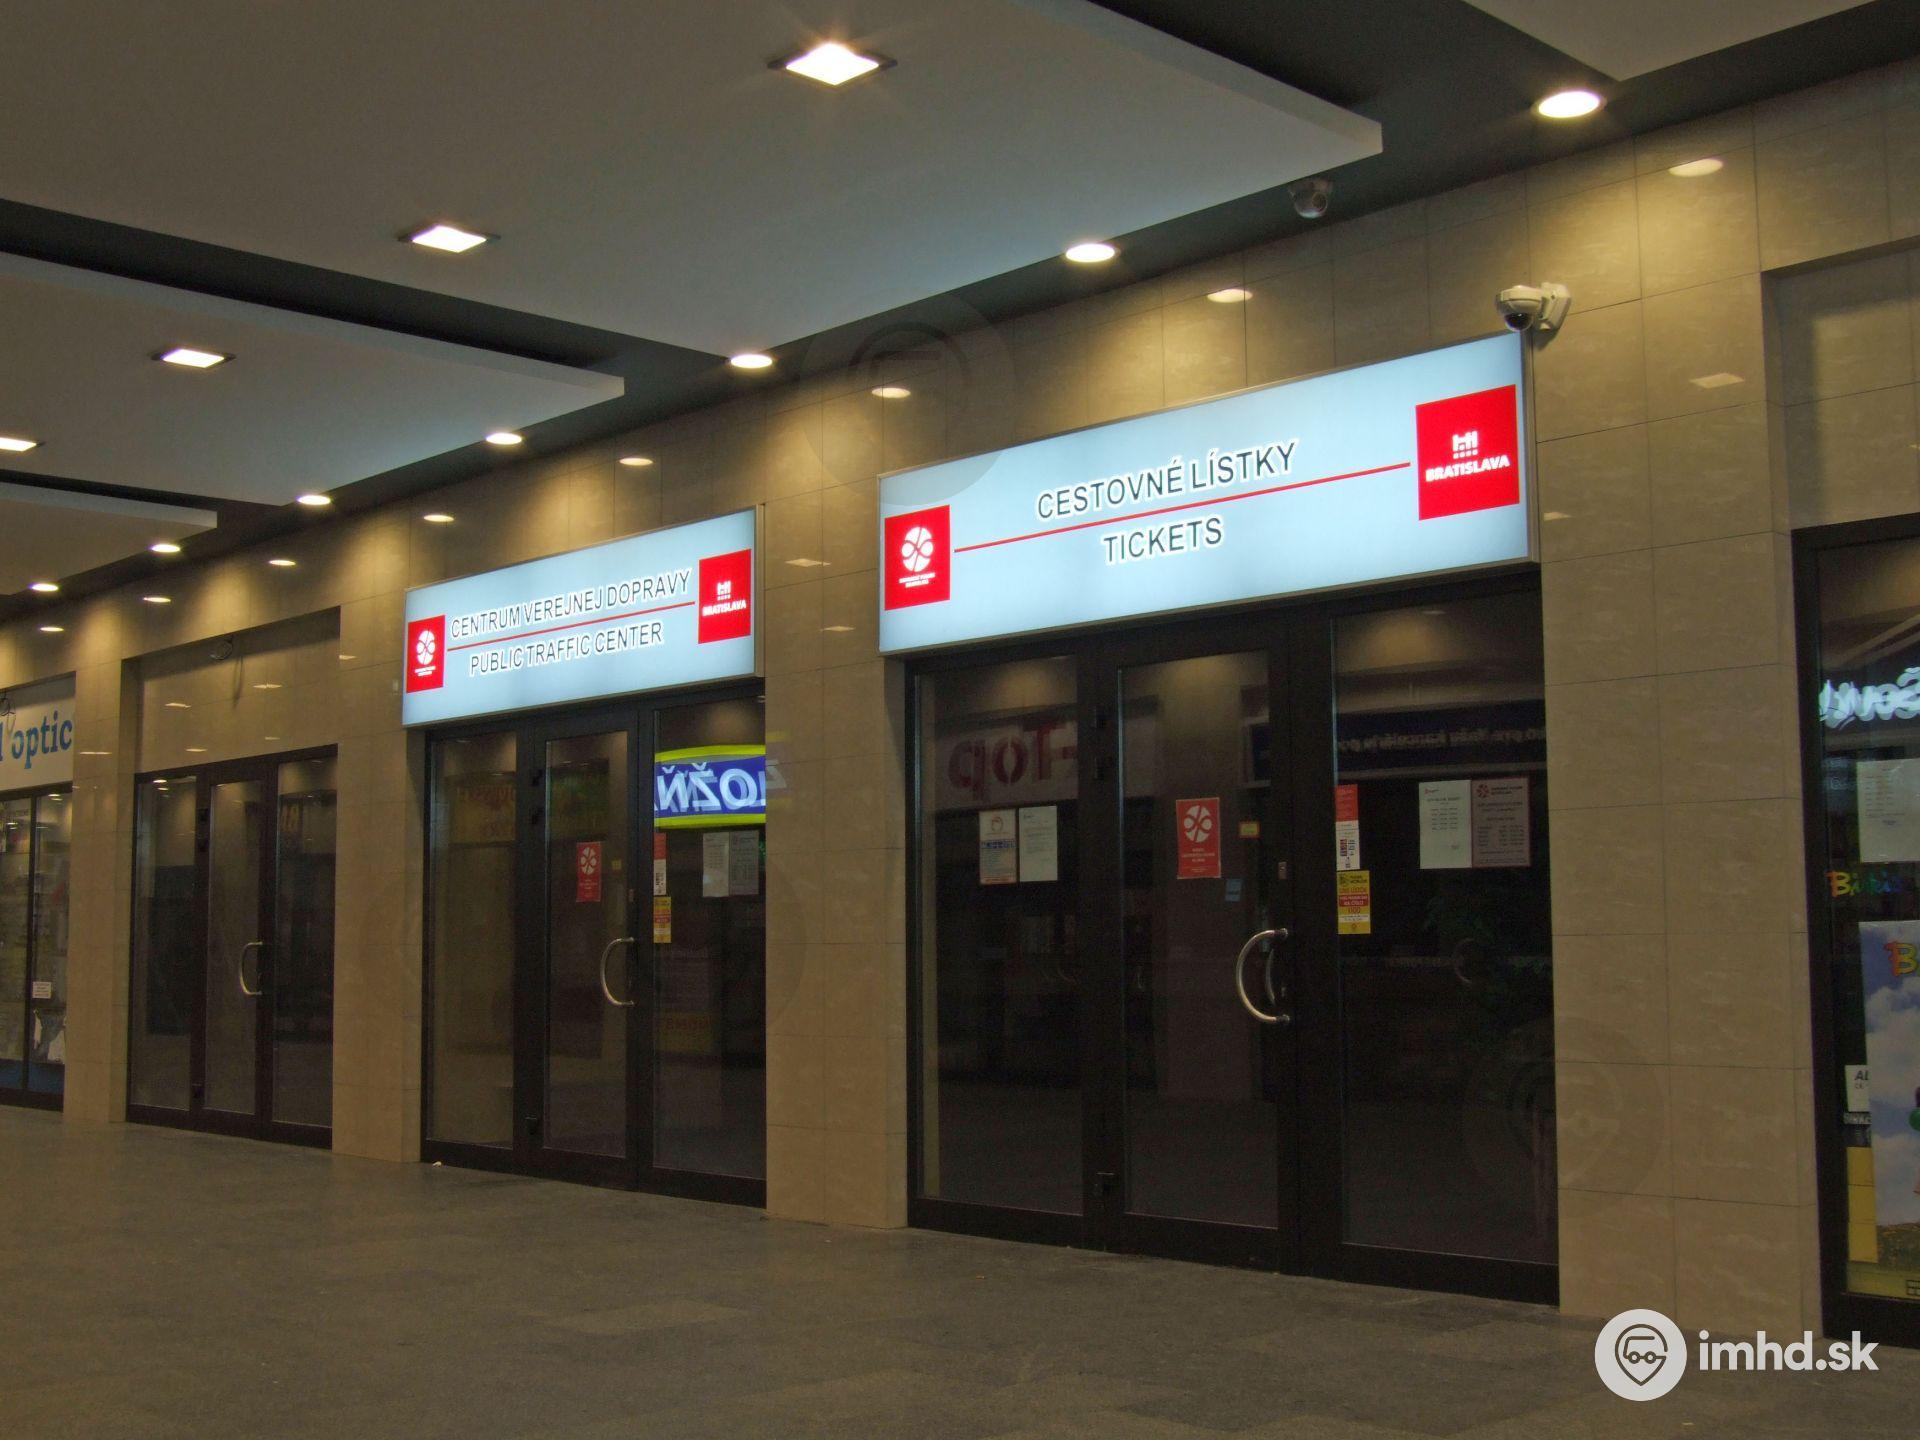 Predajne cestovných lístkov a e-shop • imhd sk Bratislava